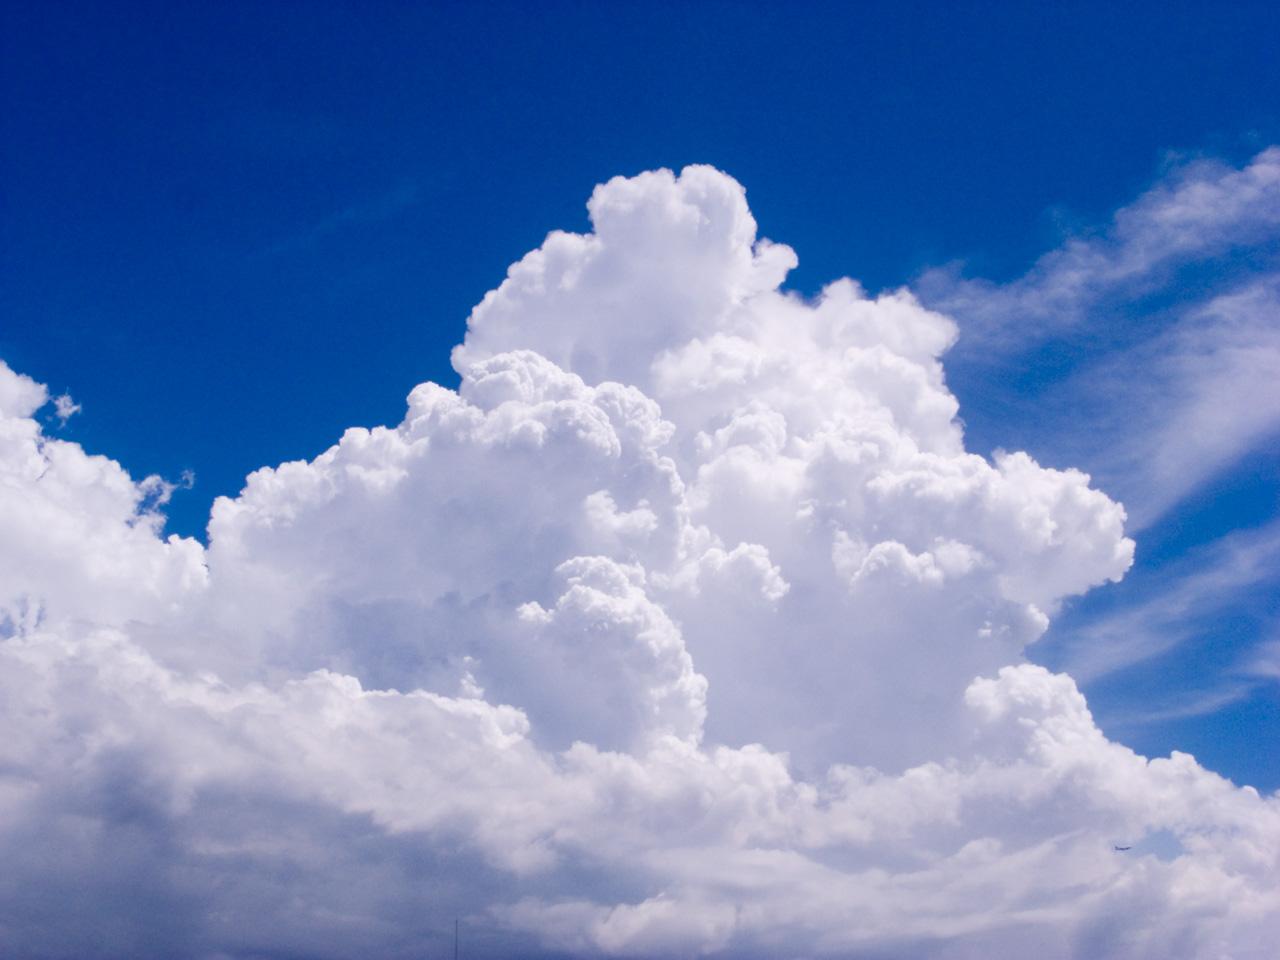 空と雲の名前 | コリオリッタ